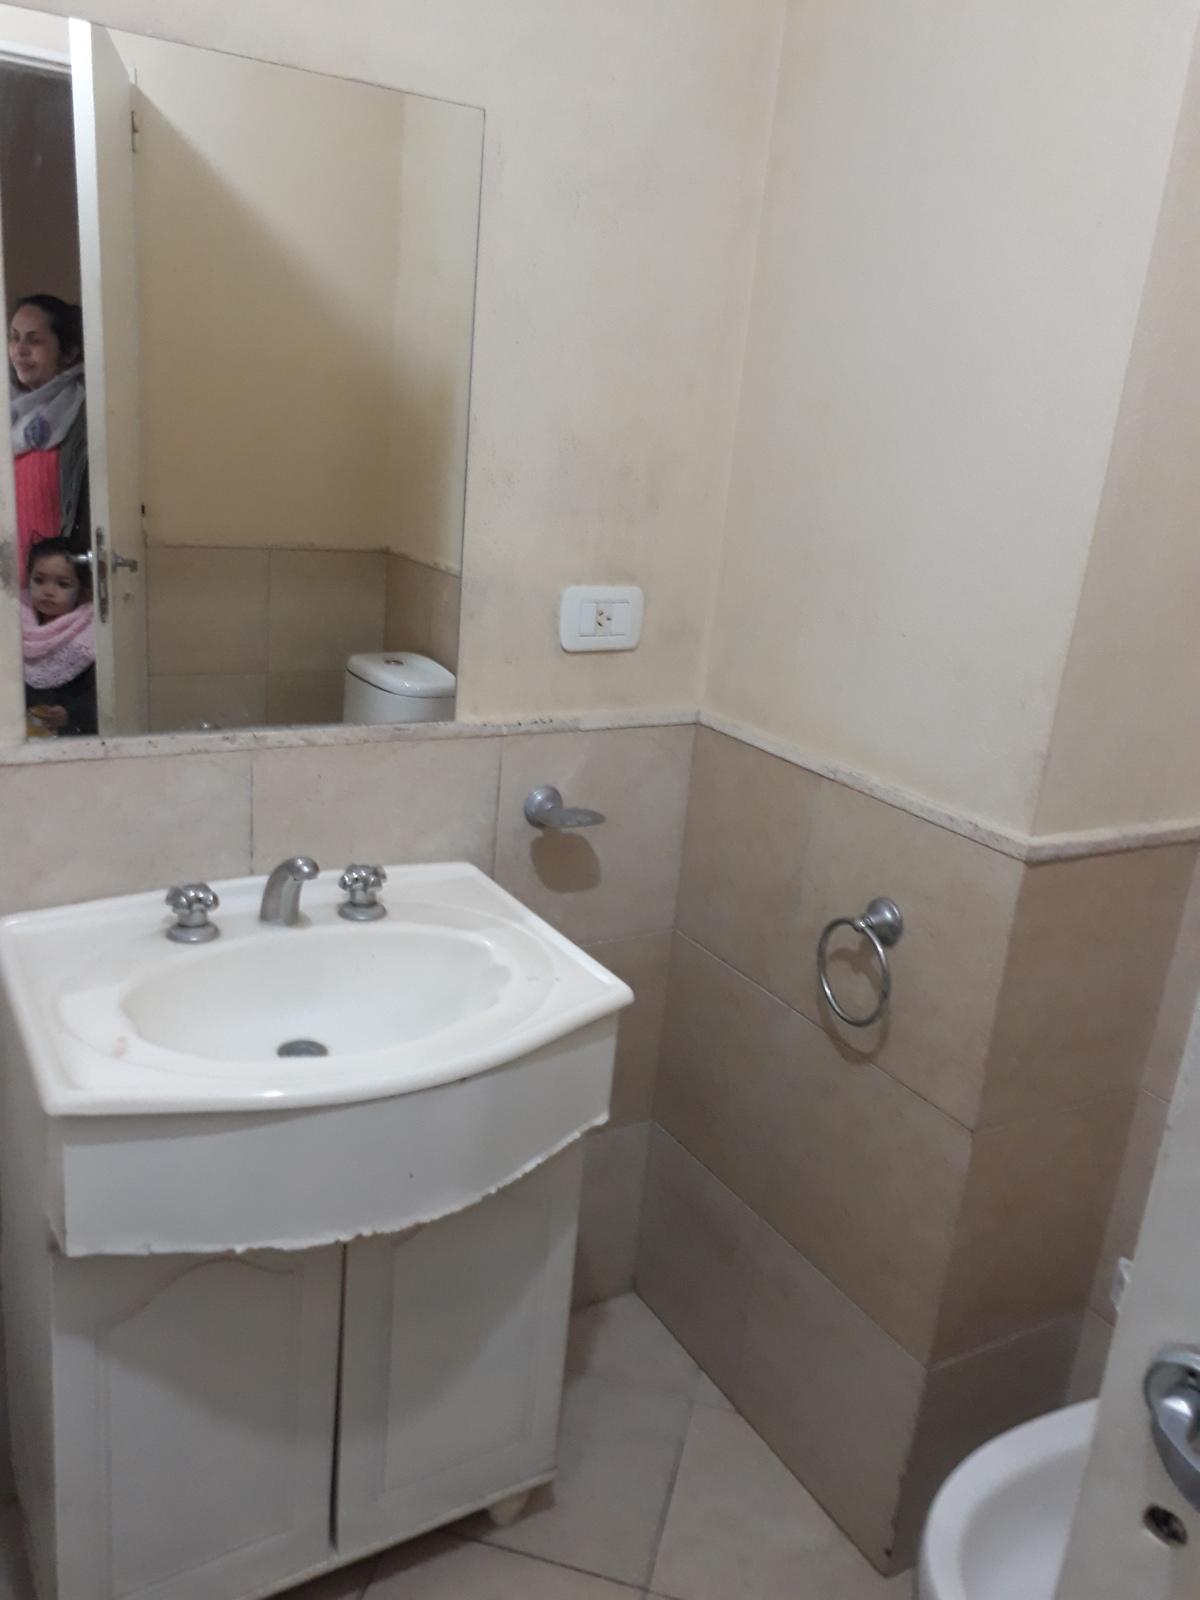 6 de 7: Baño completo con bañera y Vanitory.